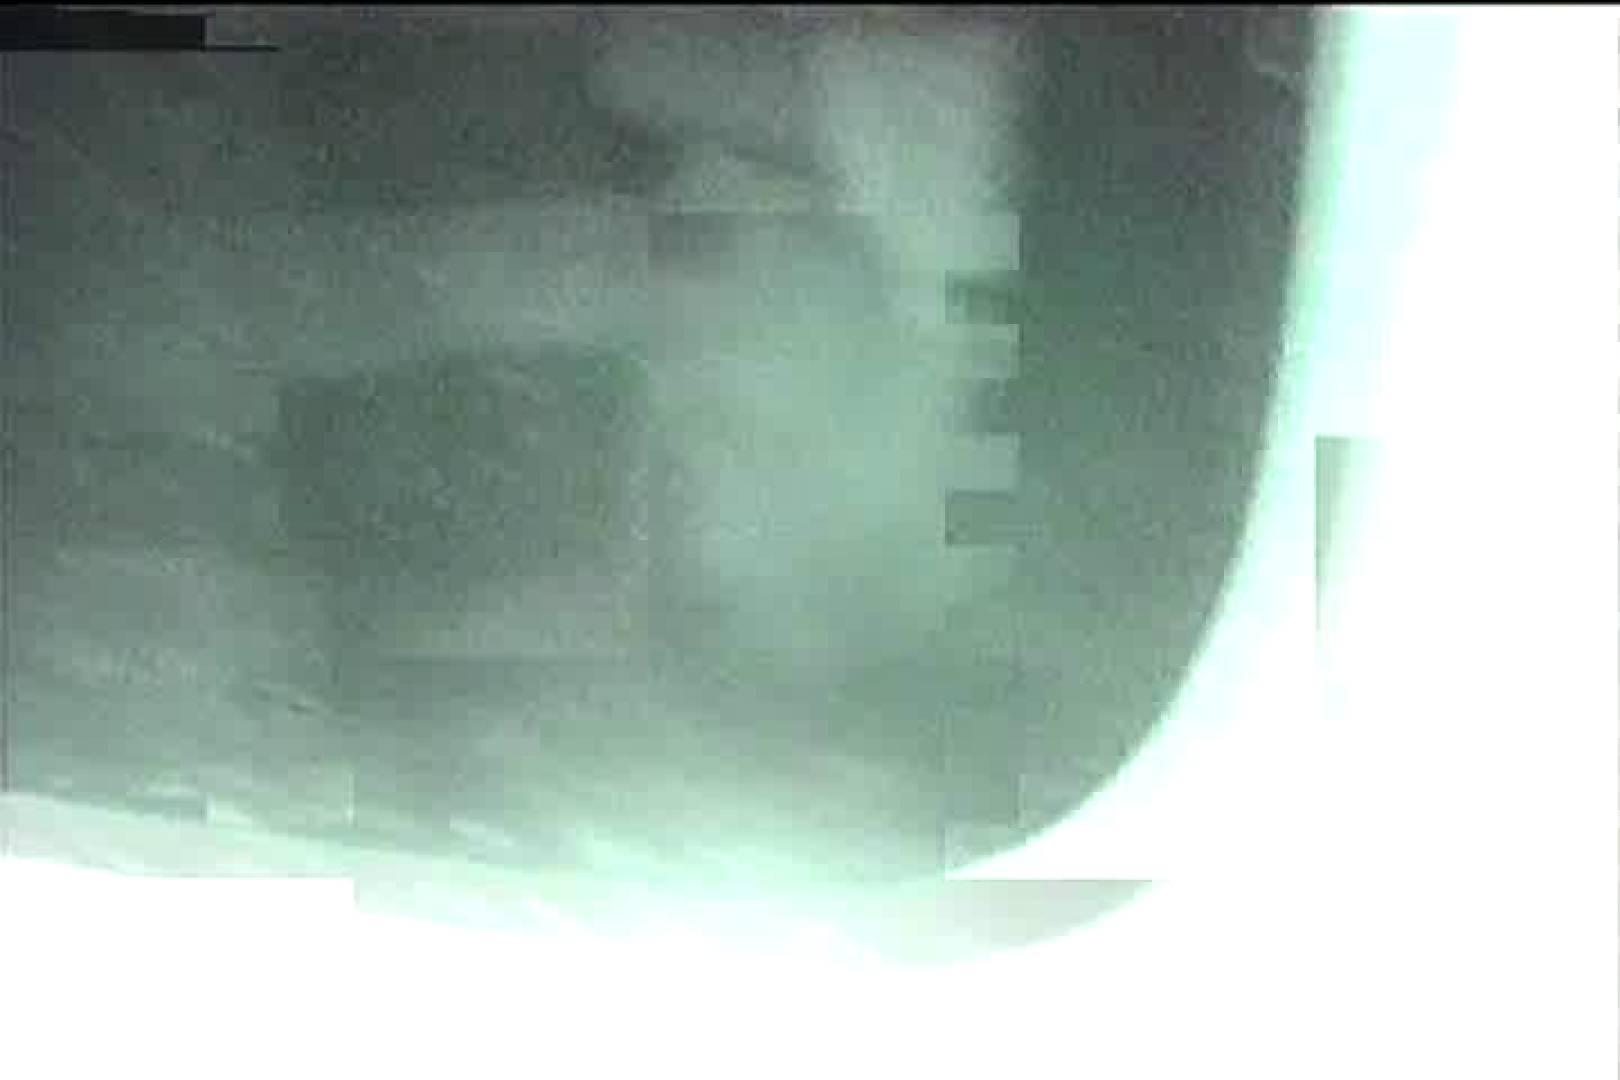 カーセックス未編集・無修正版 Vol.11 熟女丸裸 隠し撮りオマンコ動画紹介 97pic 64